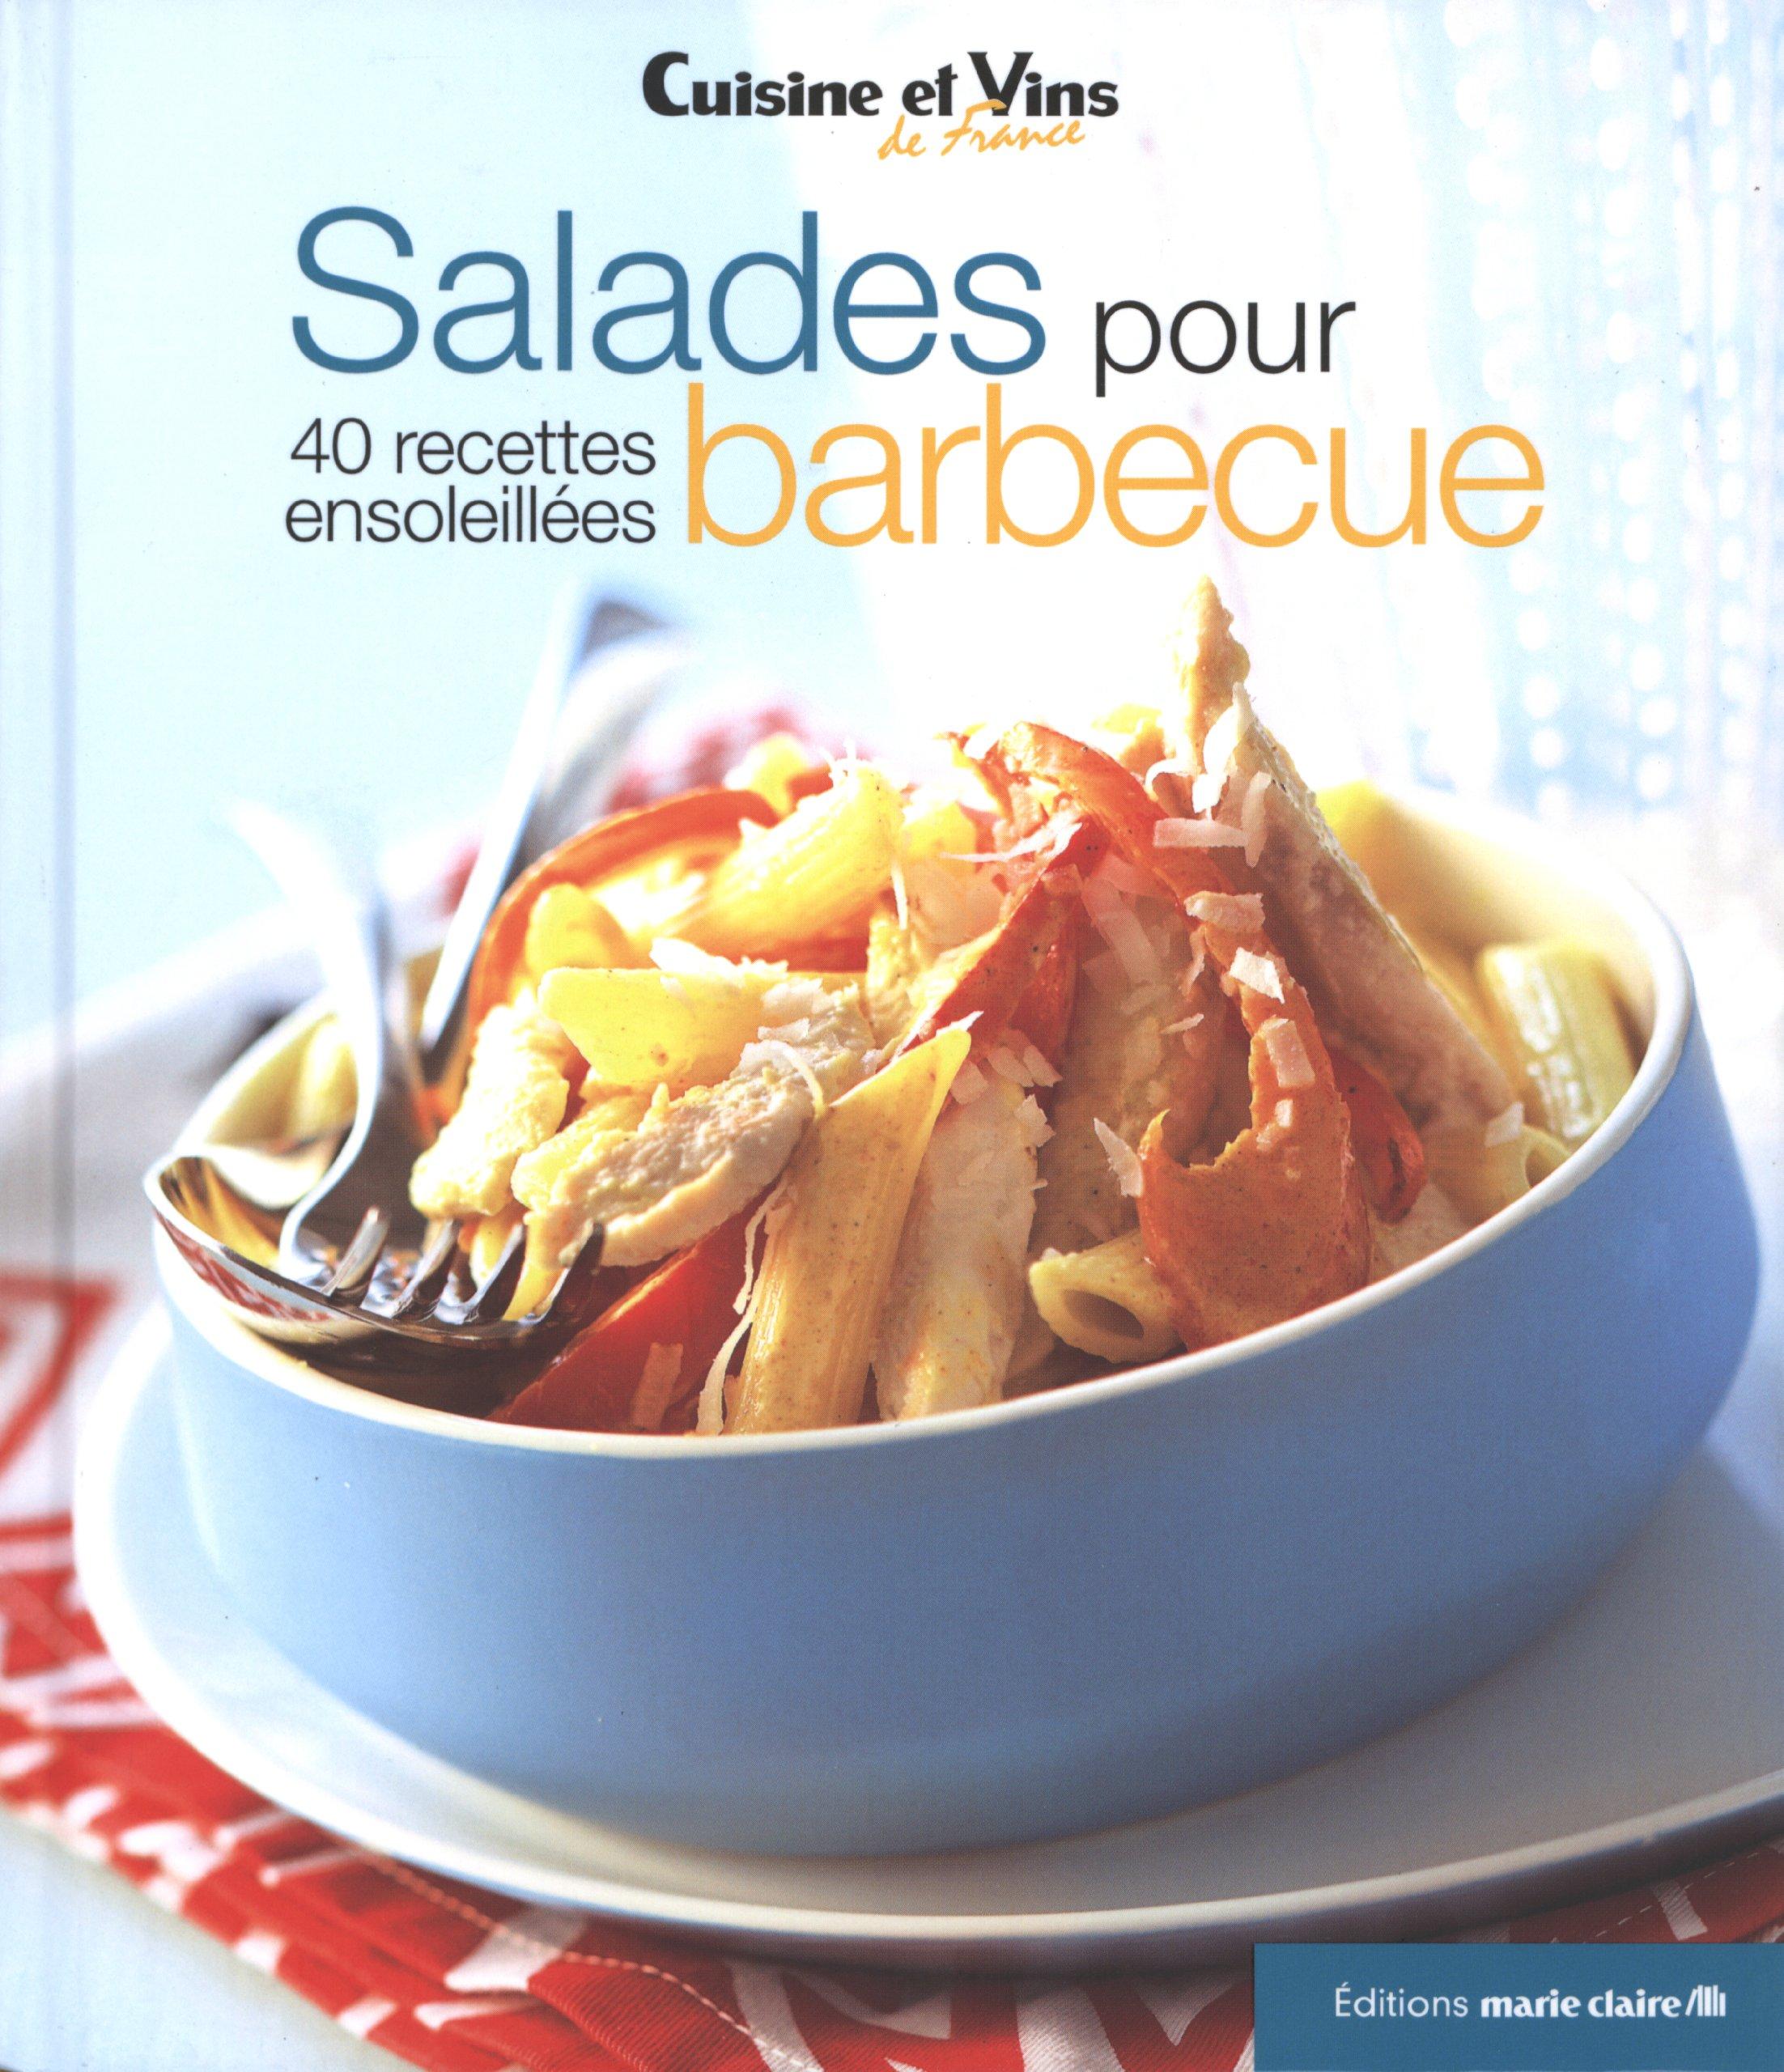 Salades pour barbecue - 40 recettes ensoleillées